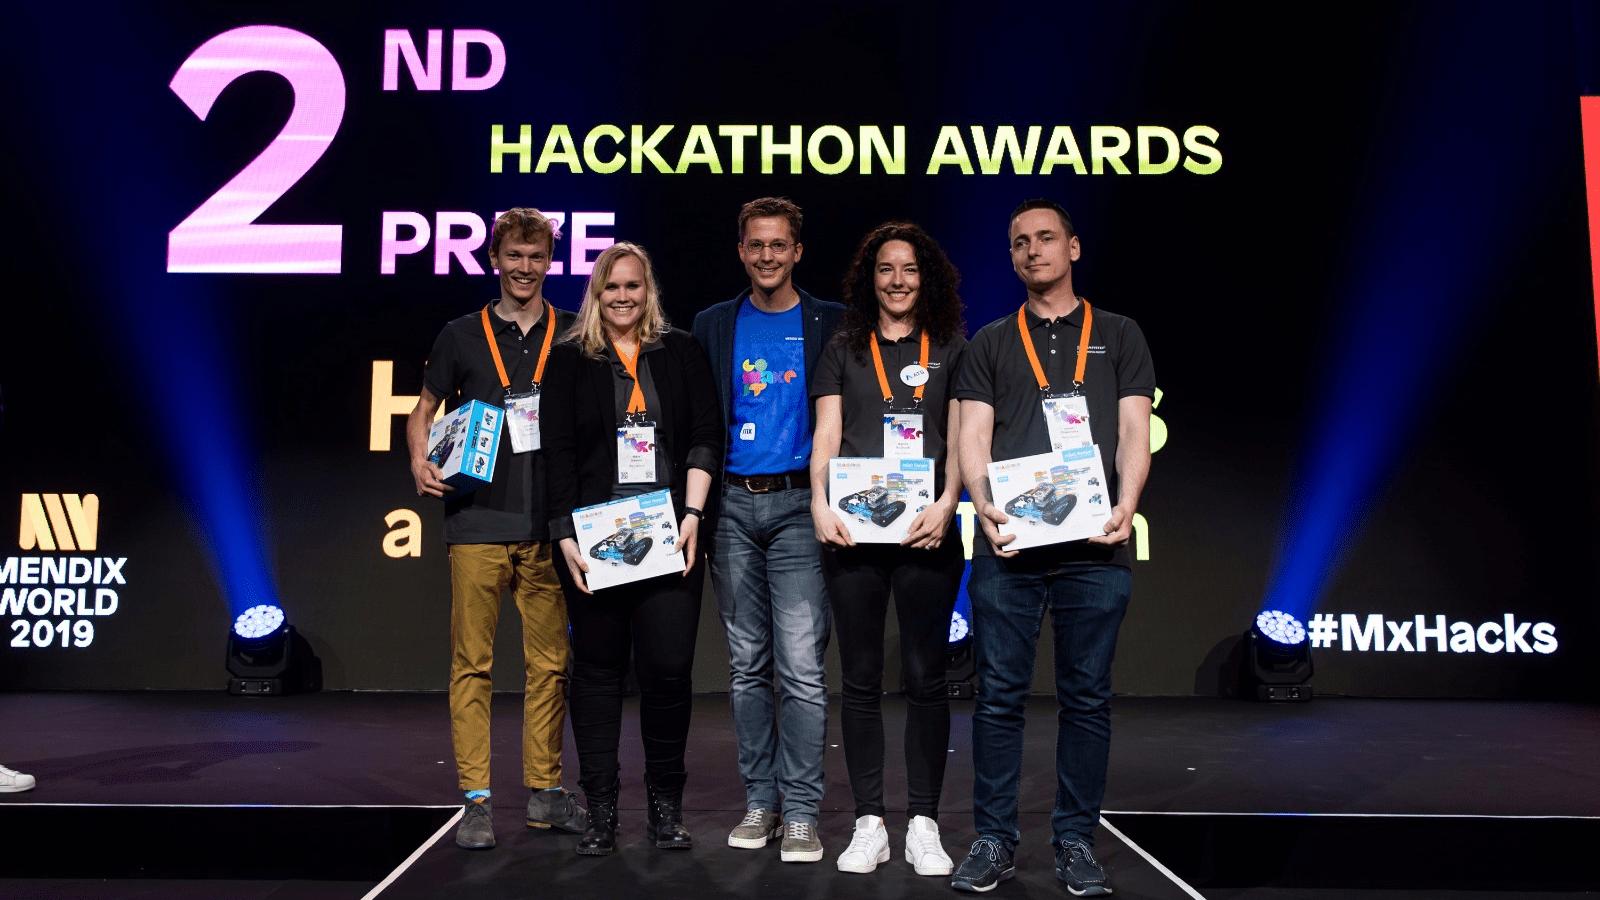 team Mansystems wint tweede prijs MxHacks hackathon op Mendix World 2019